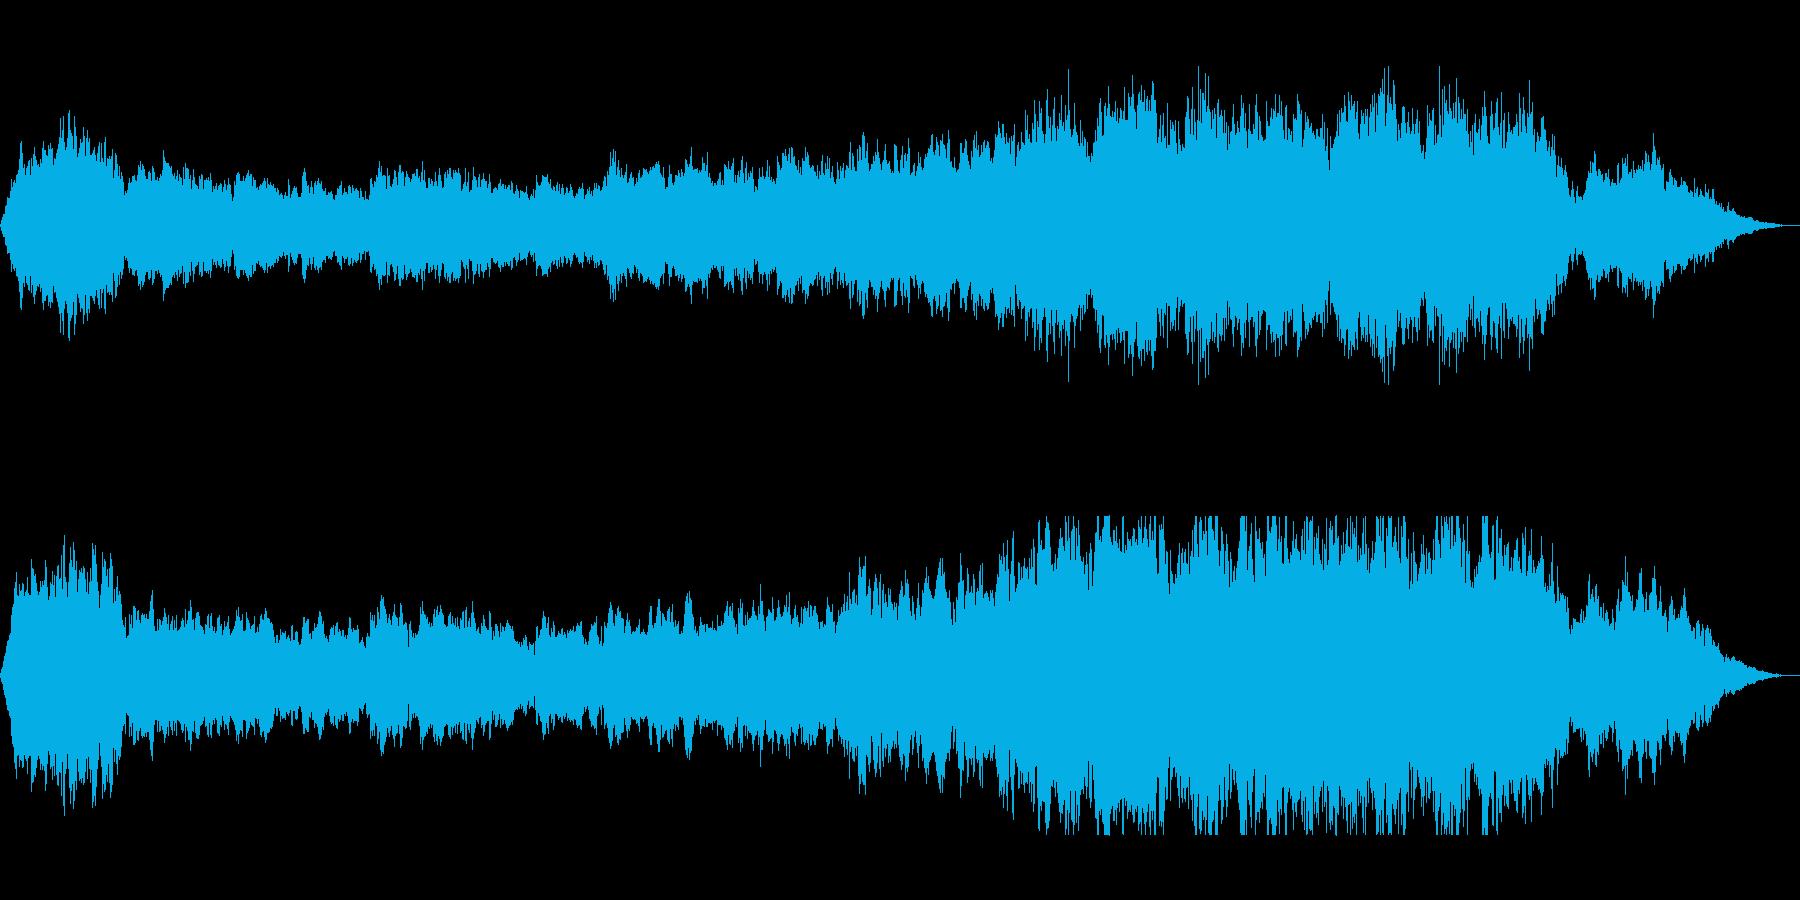 クラリネットのオーケストラサウンドの再生済みの波形